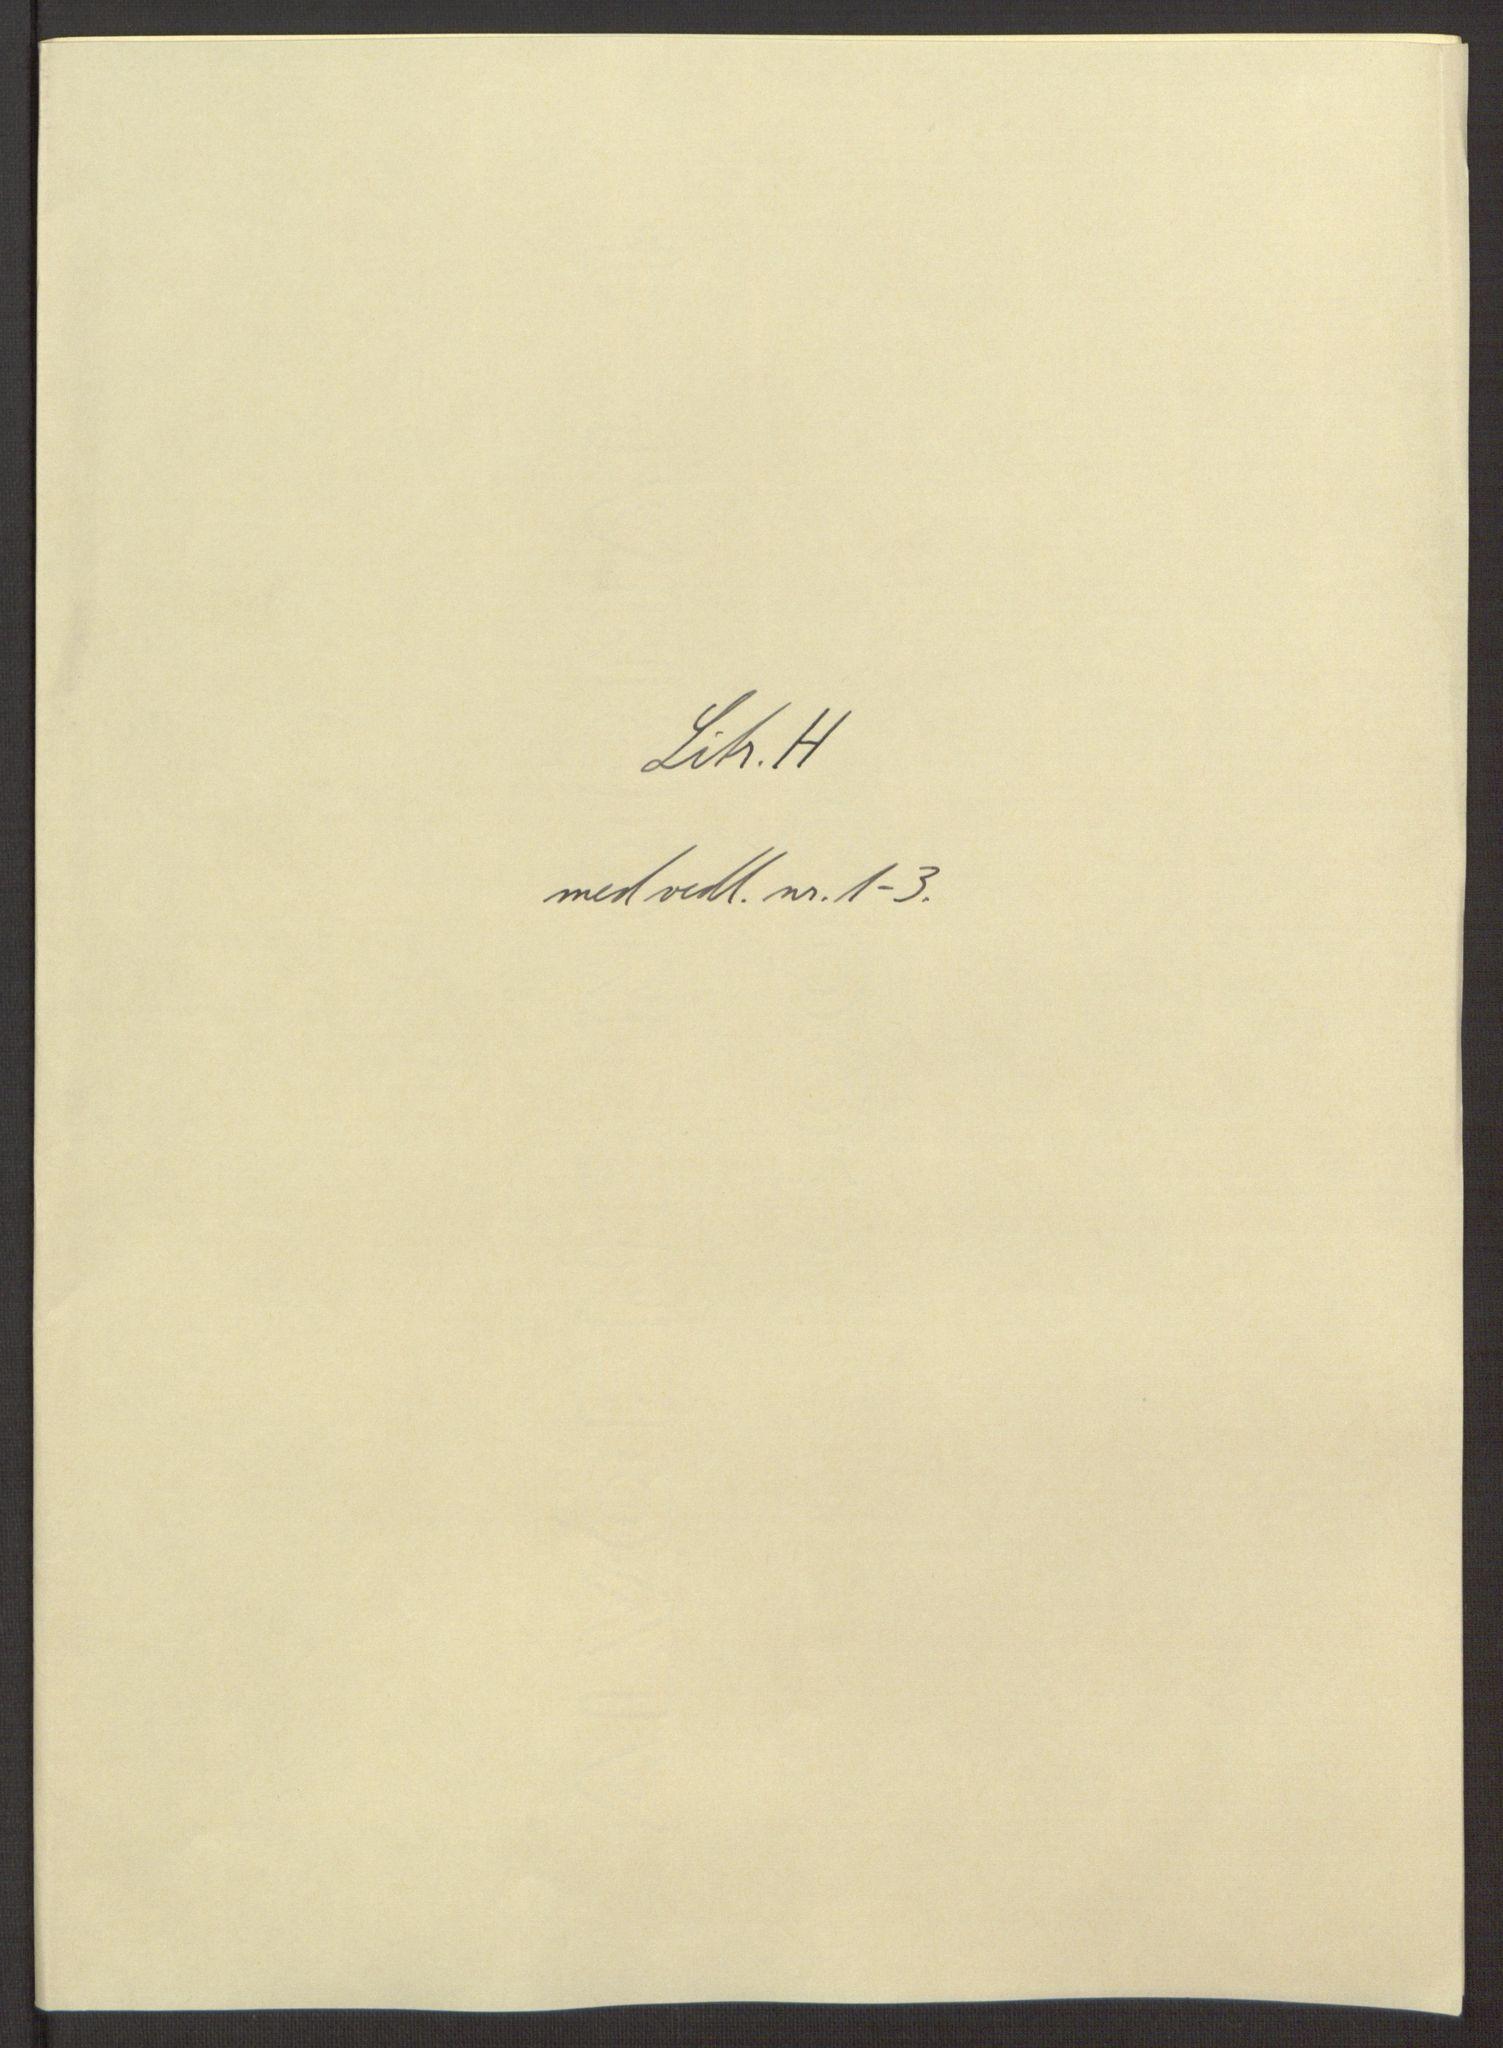 RA, Rentekammeret inntil 1814, Reviderte regnskaper, Fogderegnskap, R59/L3942: Fogderegnskap Gauldal, 1692, s. 125